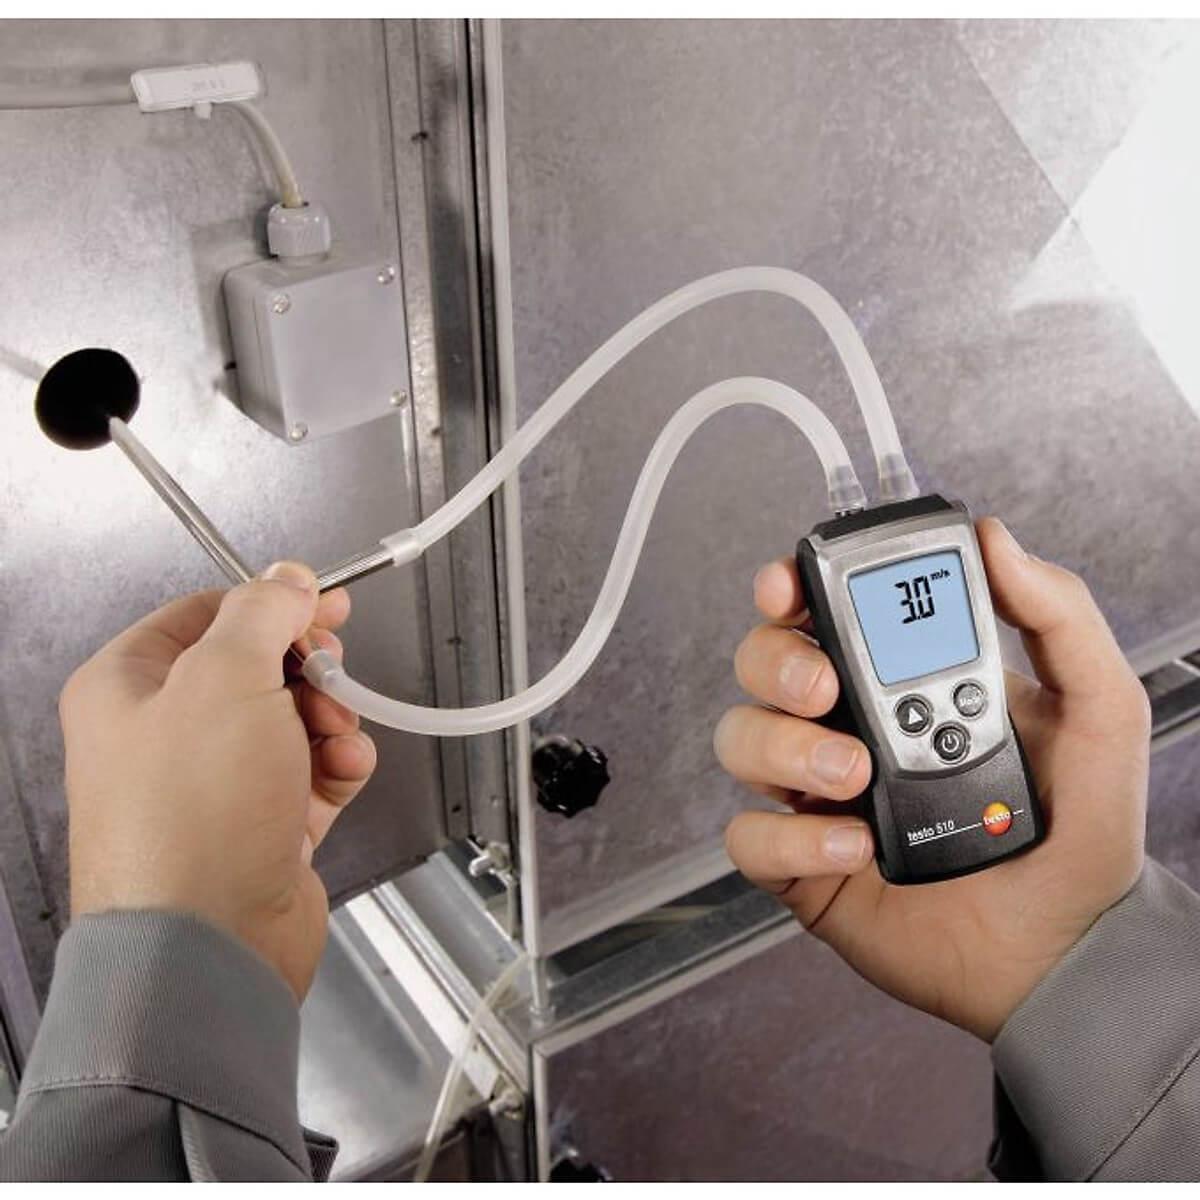 Cấu tạo và nguyên lý hoạt động của máy đo áp suất